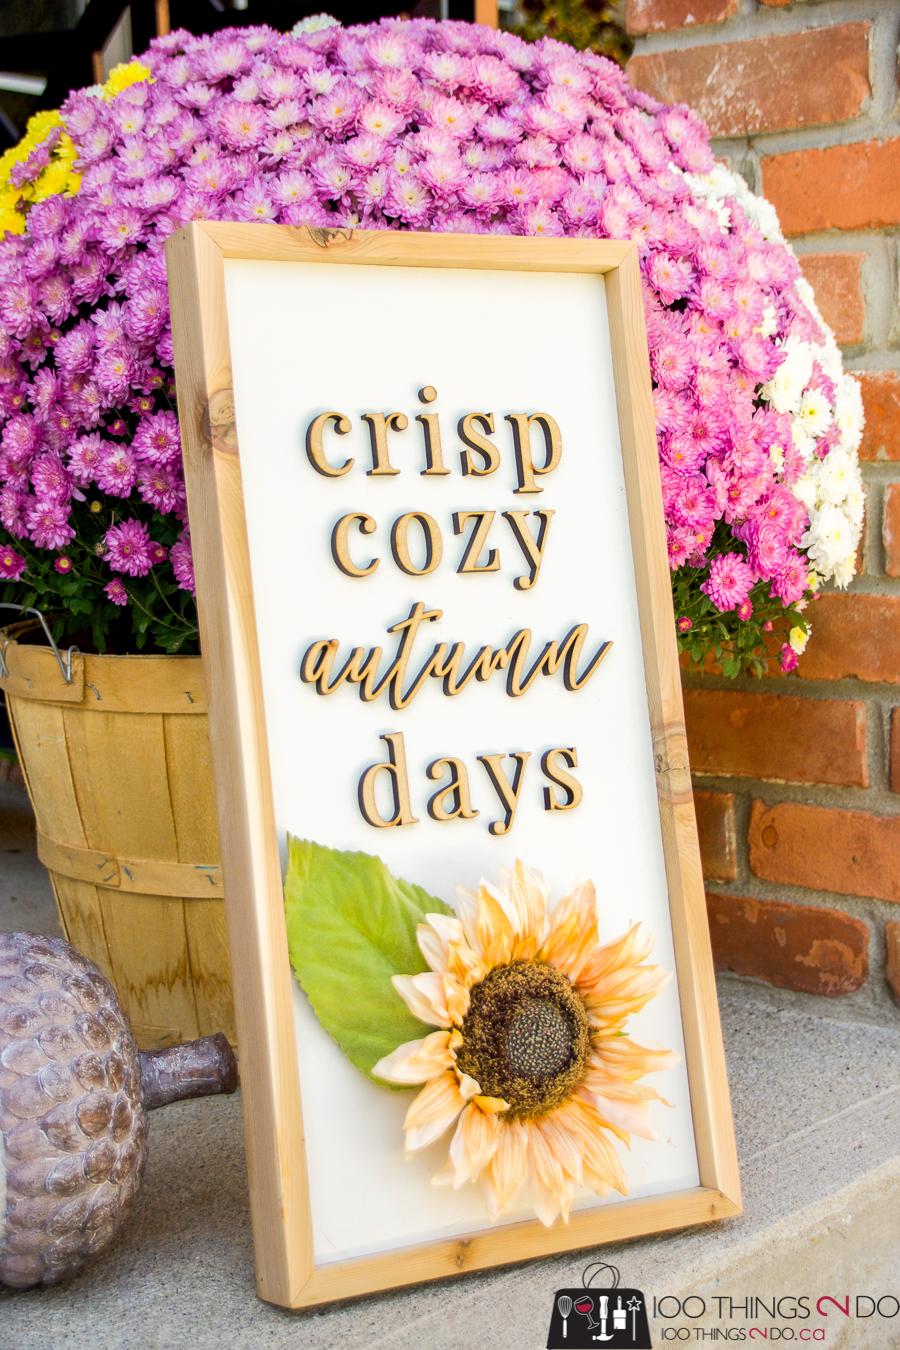 Fall sign, Autumn sign, Fall decor, Autumn decor, wooden fall sign, wooden autumn sign, Details 2 Enjoy, DIY wood sign